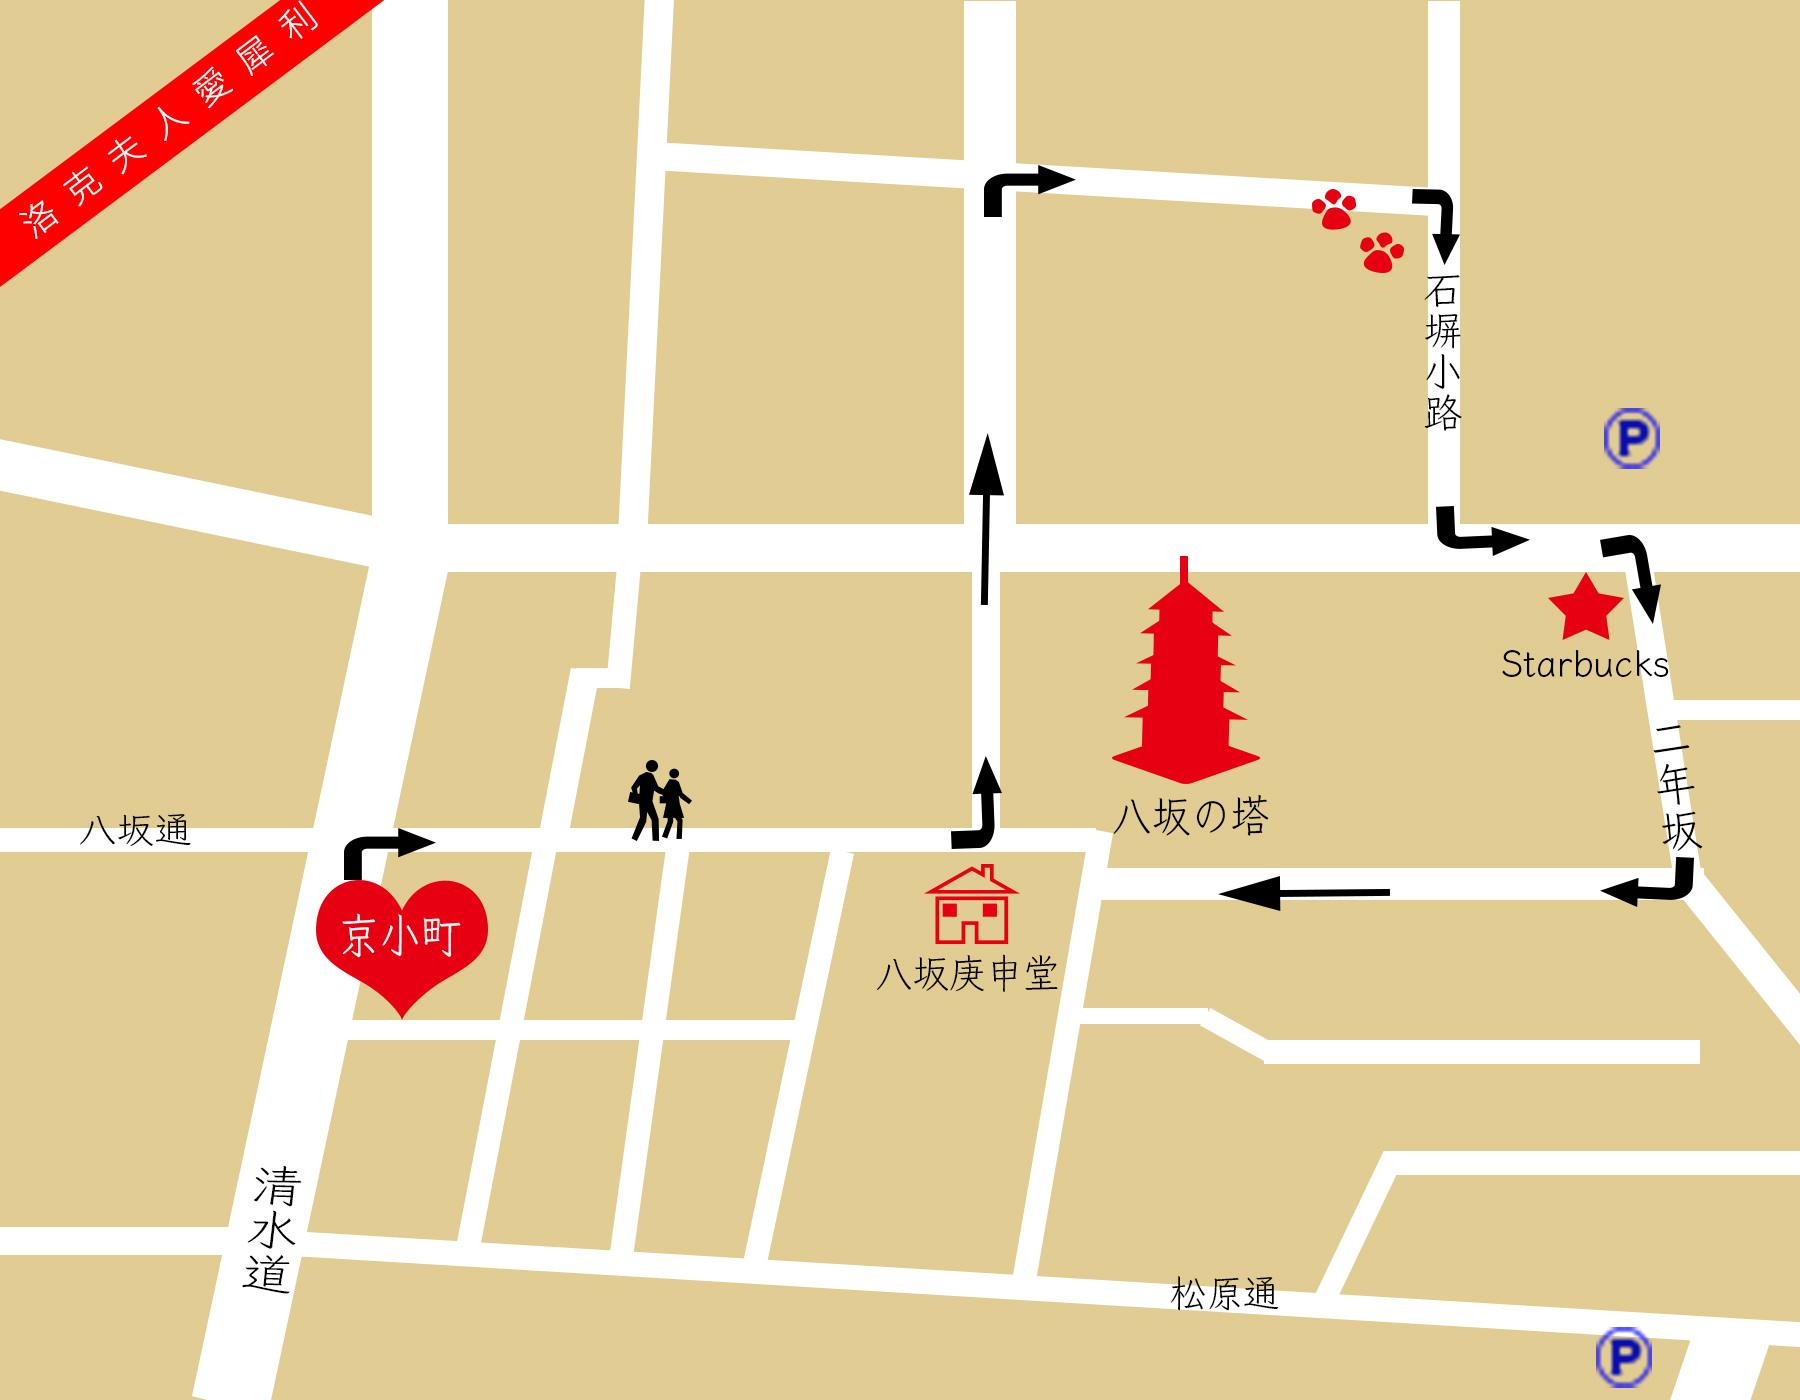 洛克夫人愛犀利map.jpg